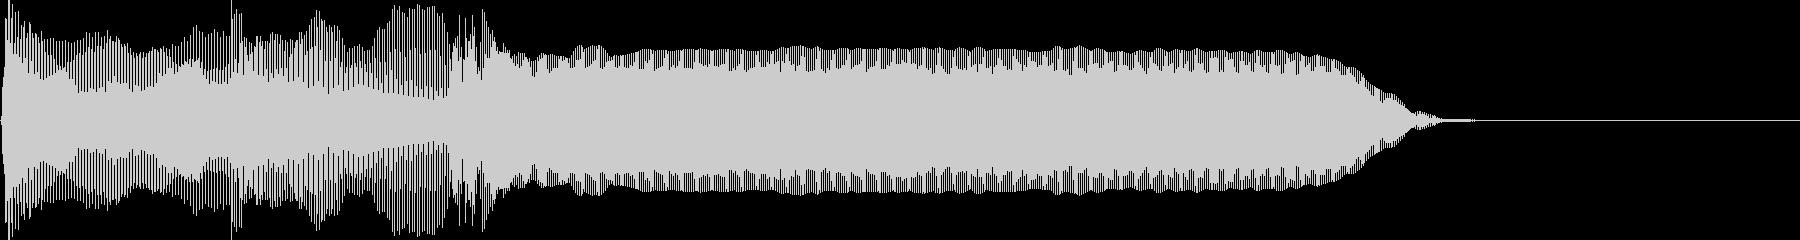 ピロリーン(ゲーム起動/決定/スタート)の未再生の波形